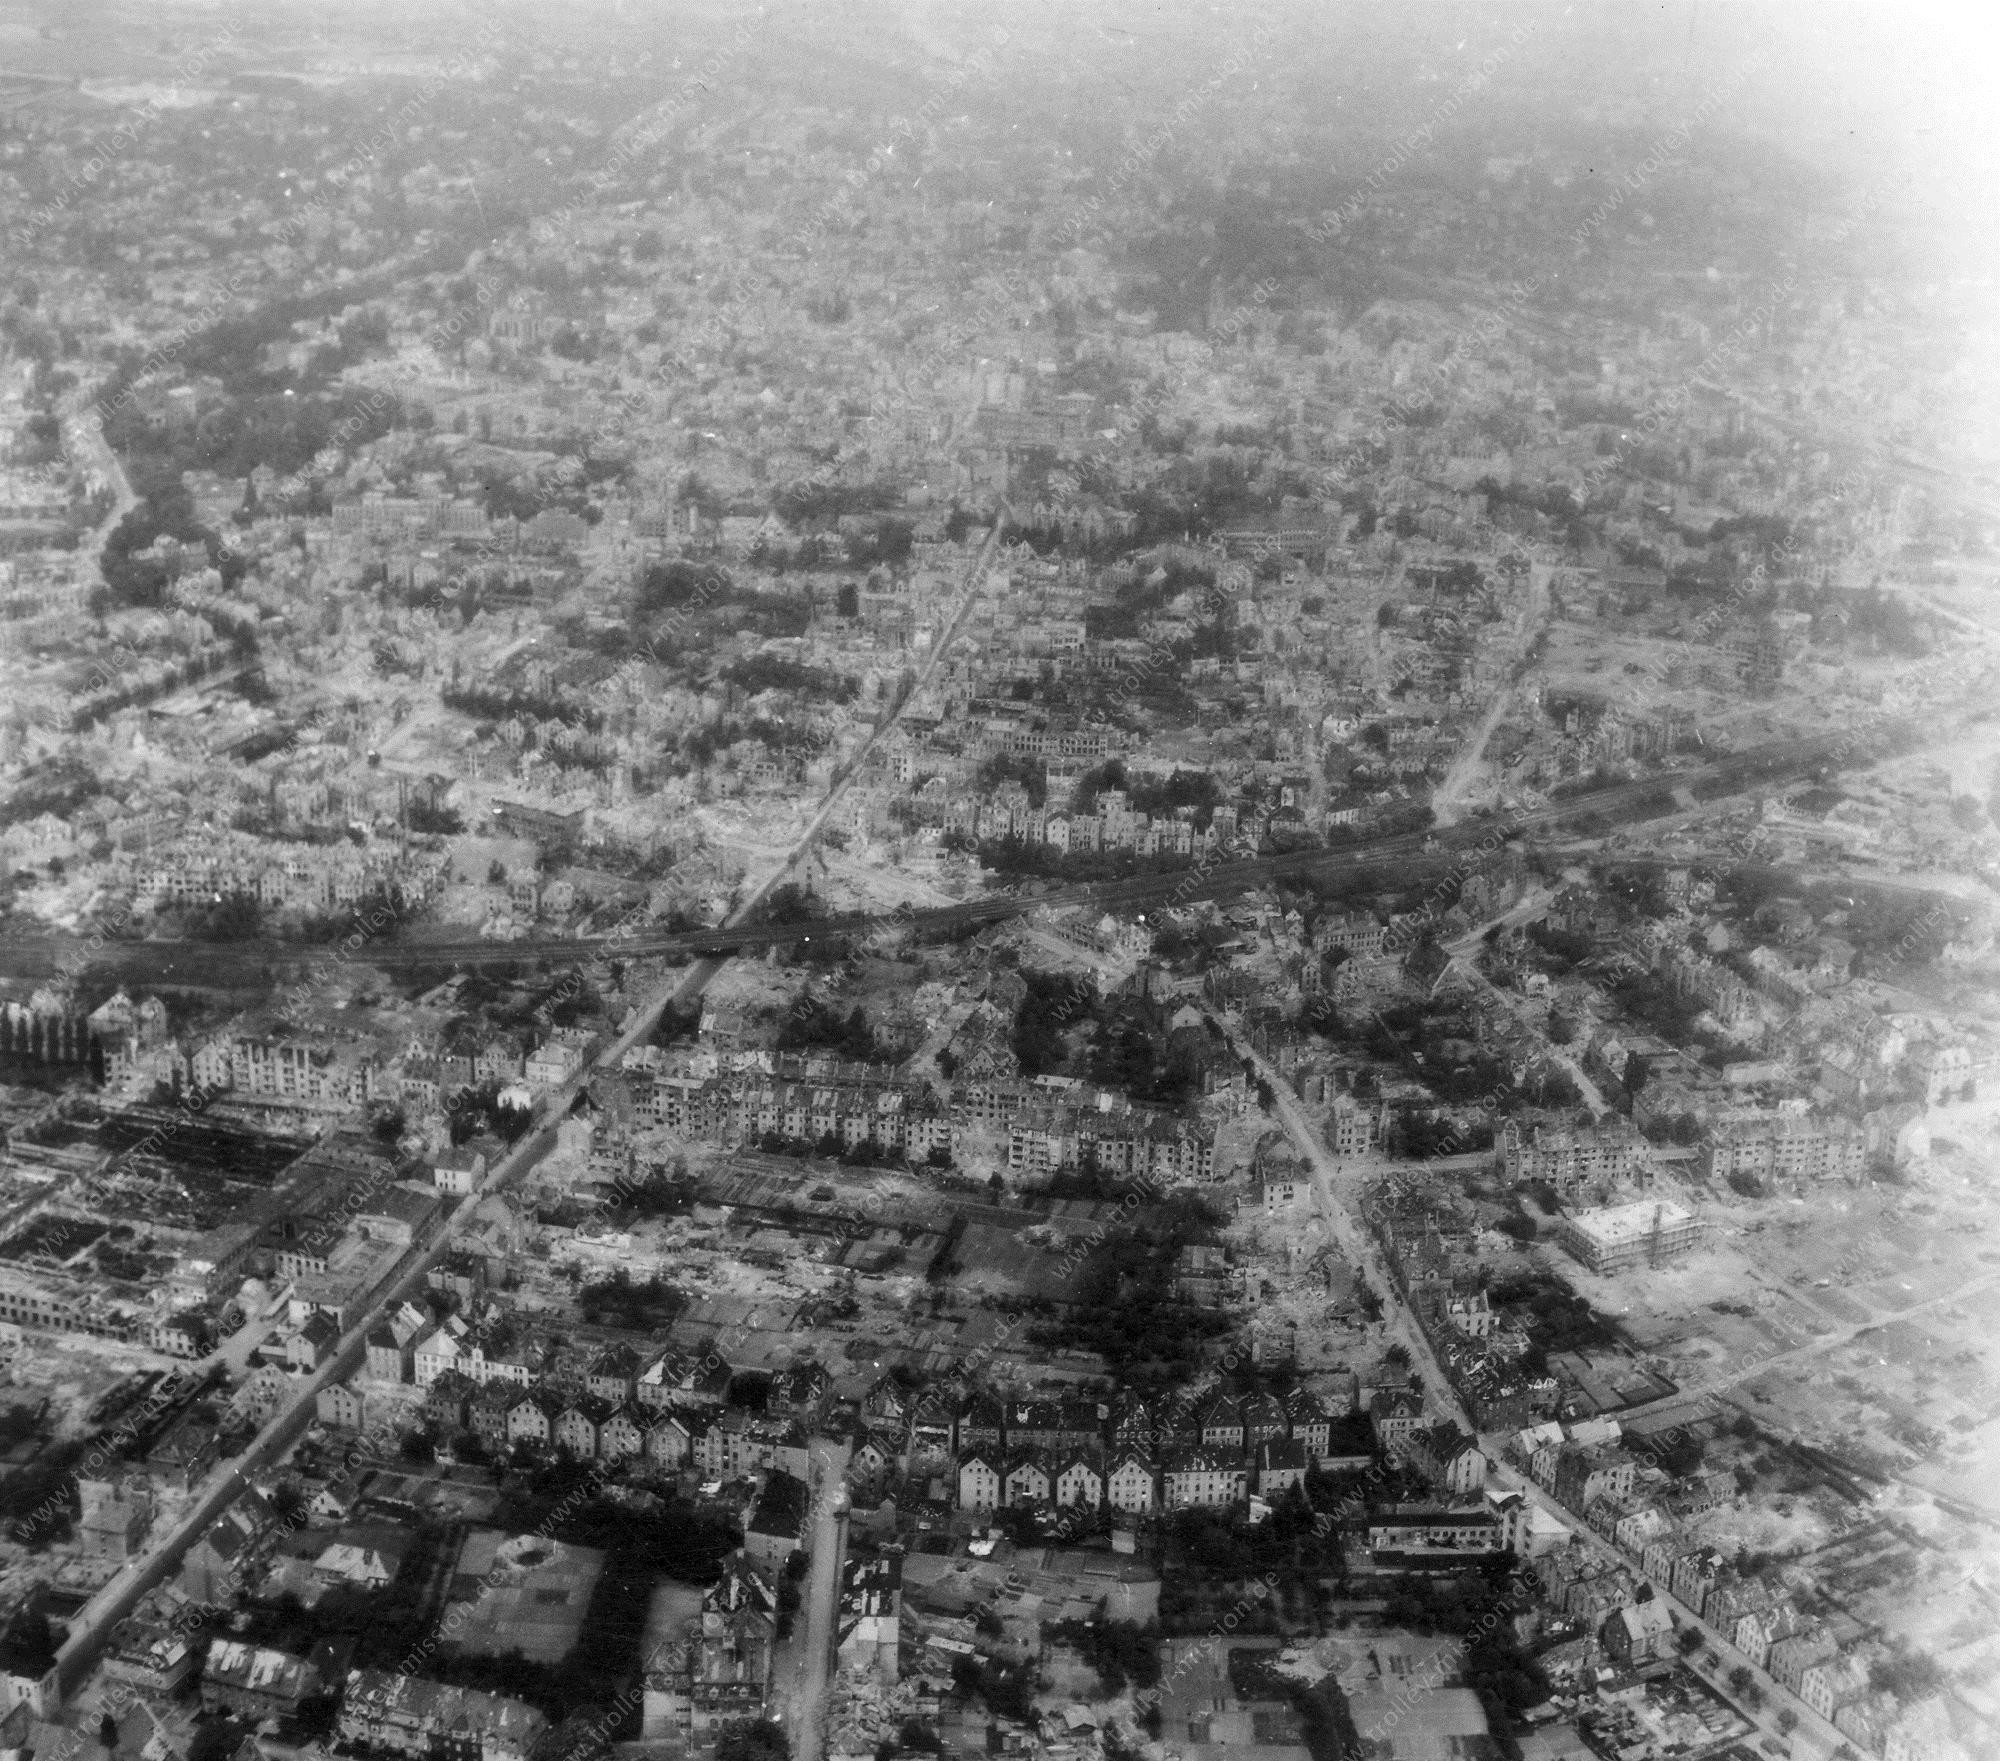 Osnabrück Luftbild aus dem Zweiten Weltkrieg